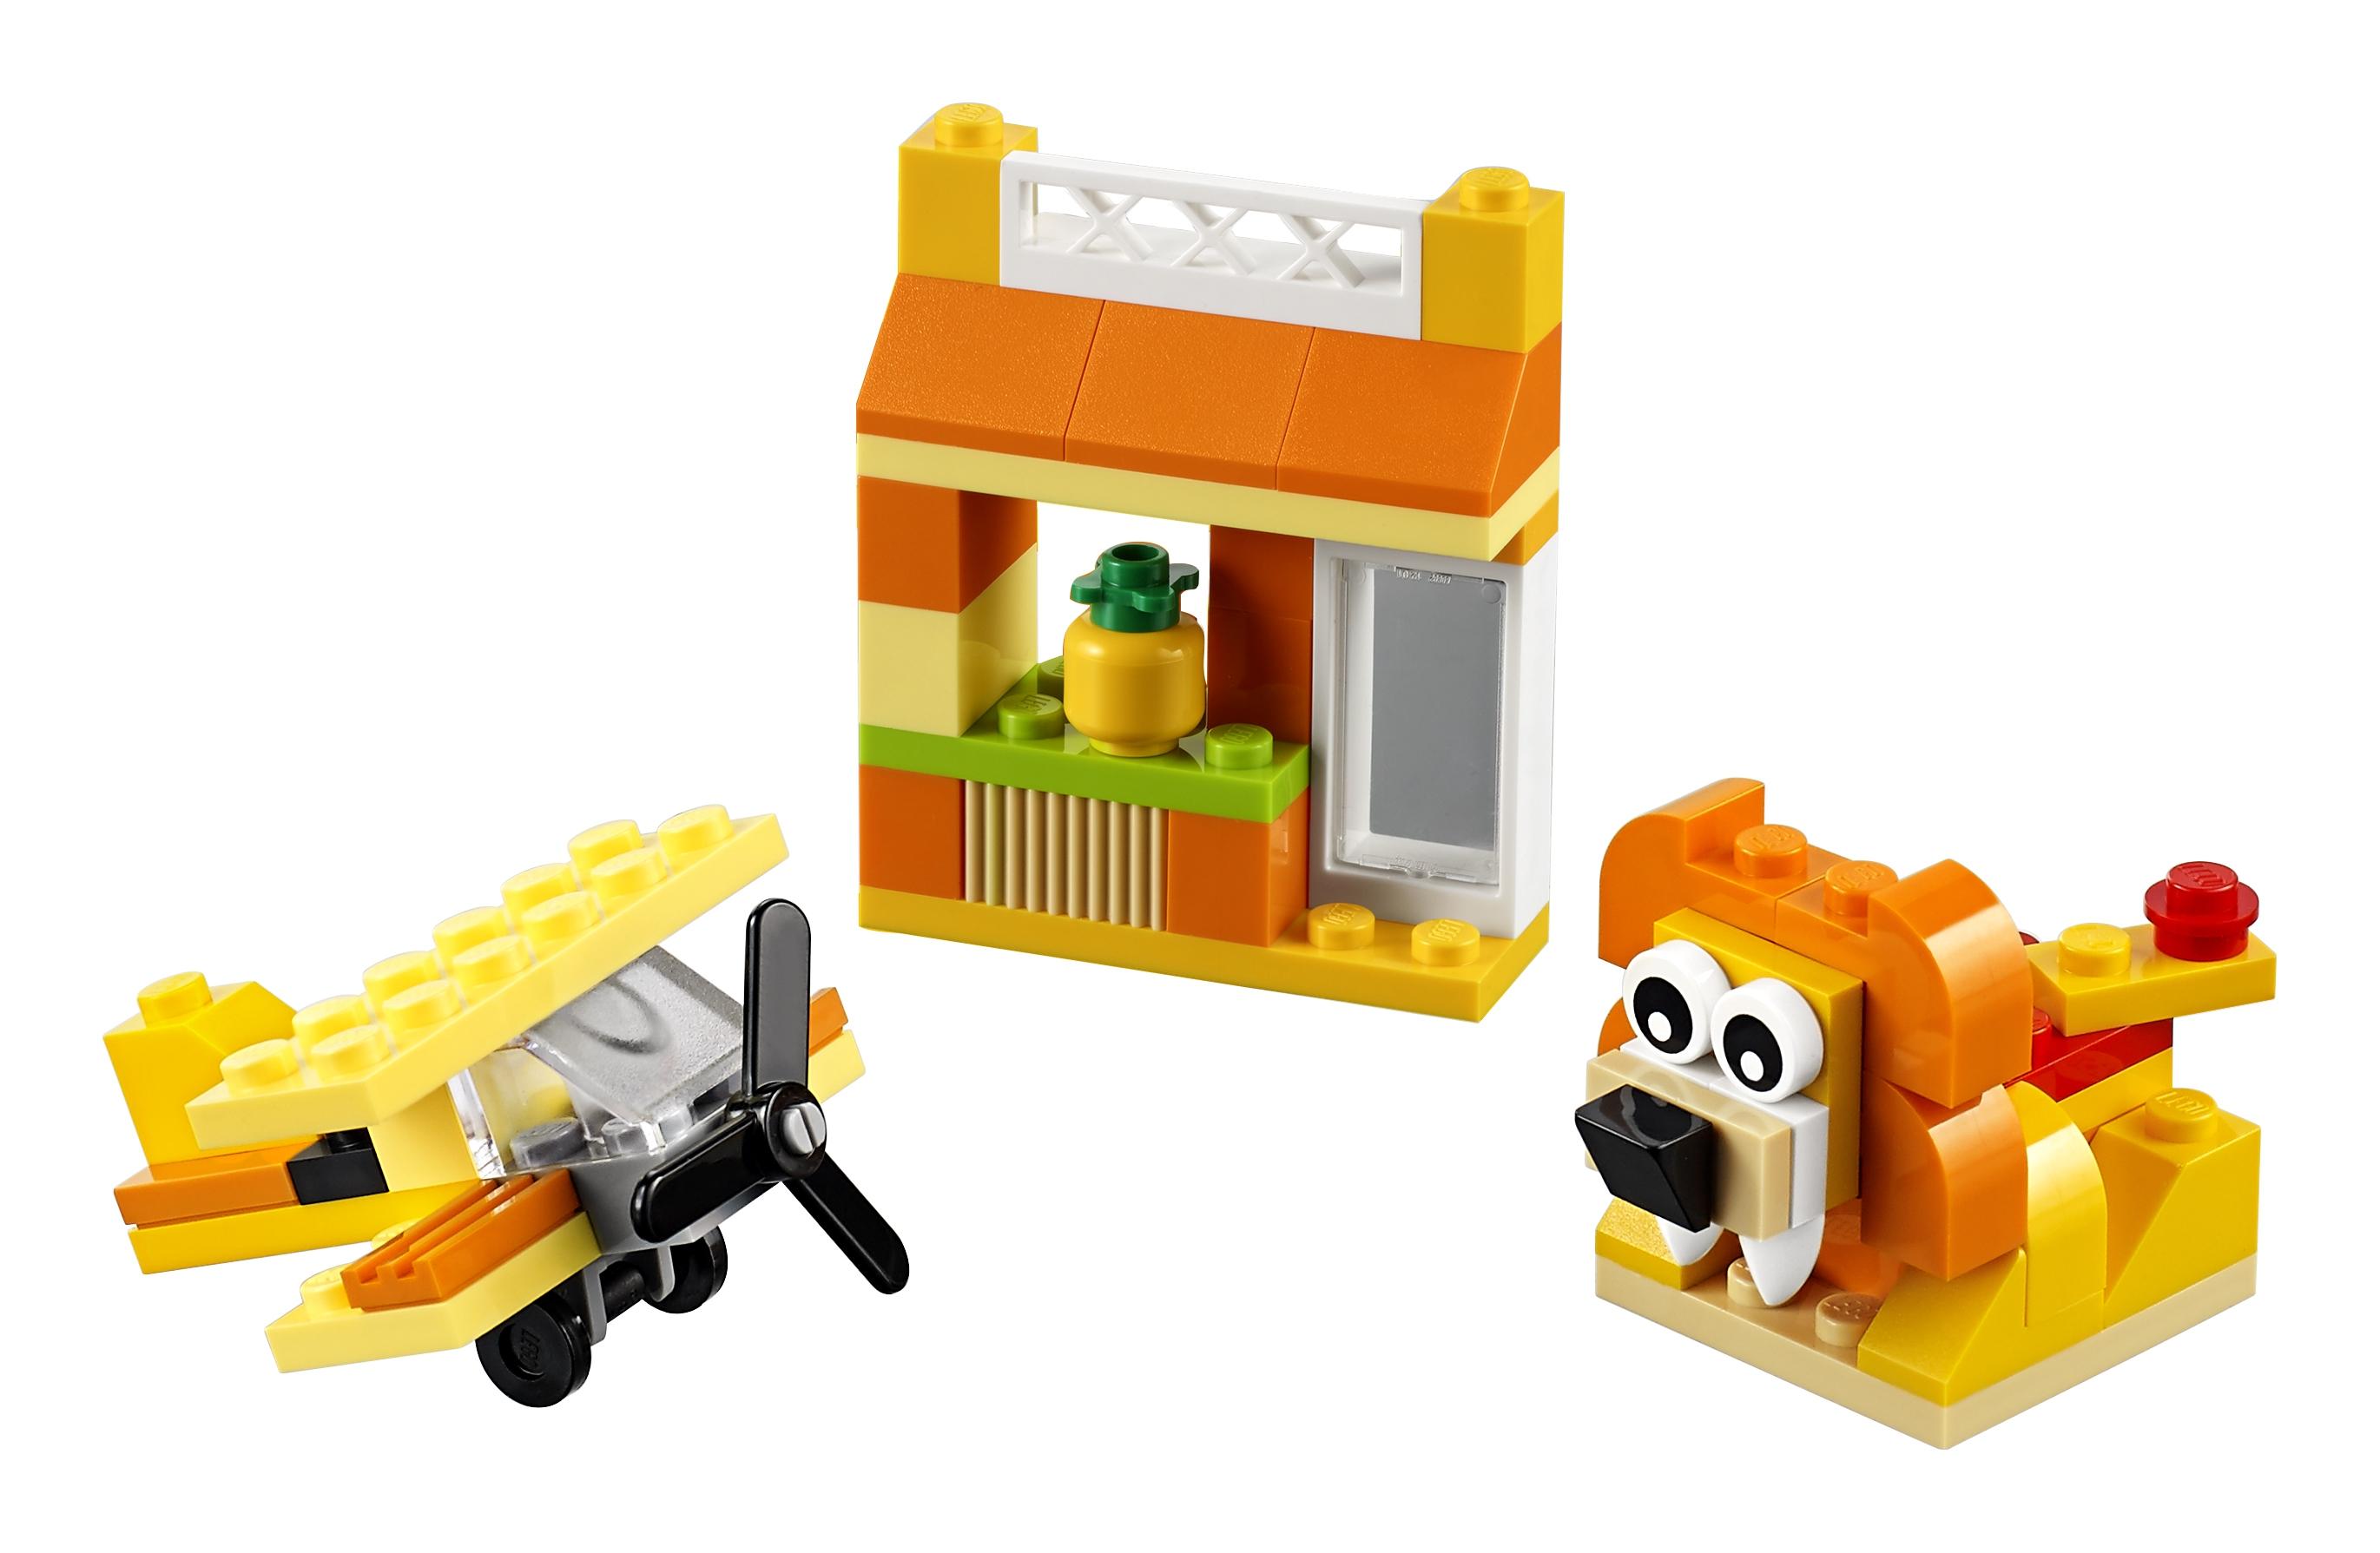 Конструктор LEGO Classic 10709 Оранжевый набор для творчества classic 10692 набор для творчества